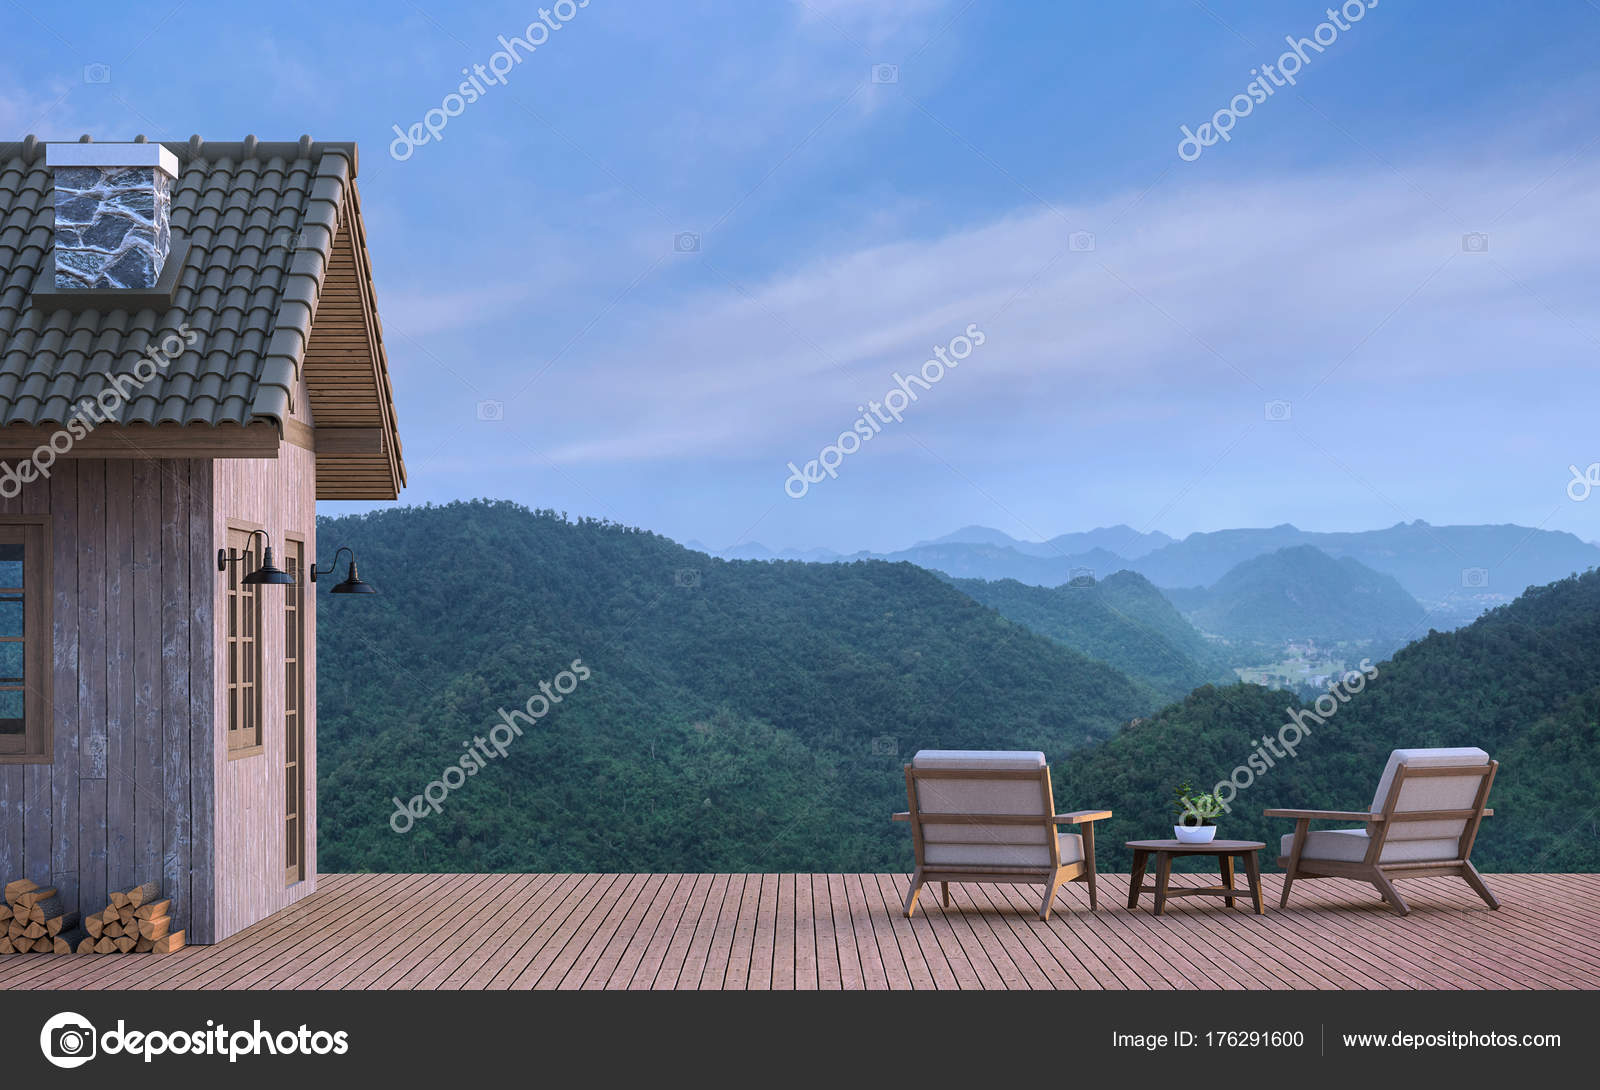 Cabine huis met uitzicht bergen rendering beeld zijn houten vloer